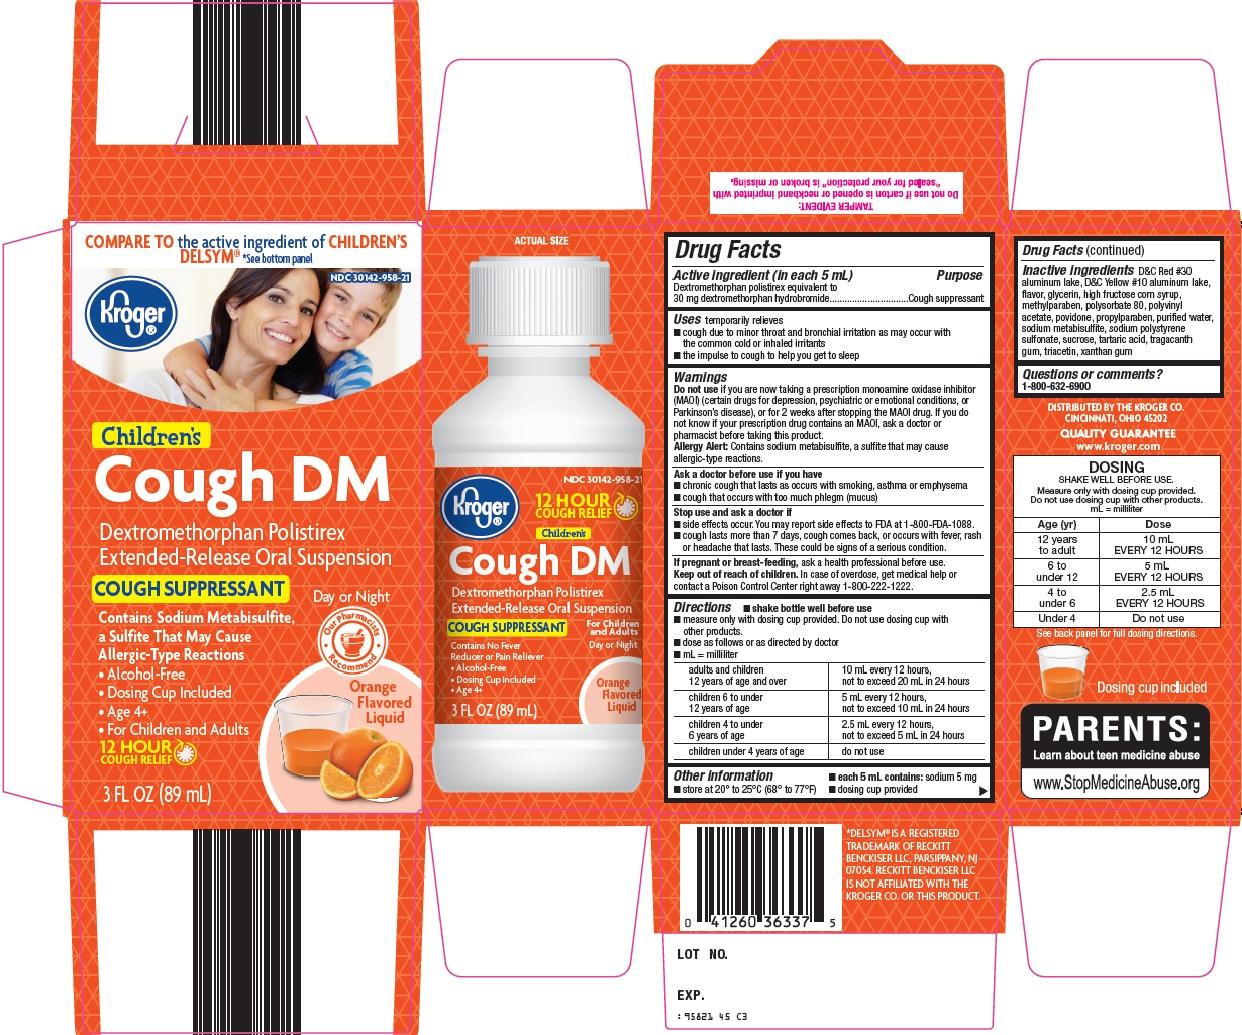 Kroger Cough DM image